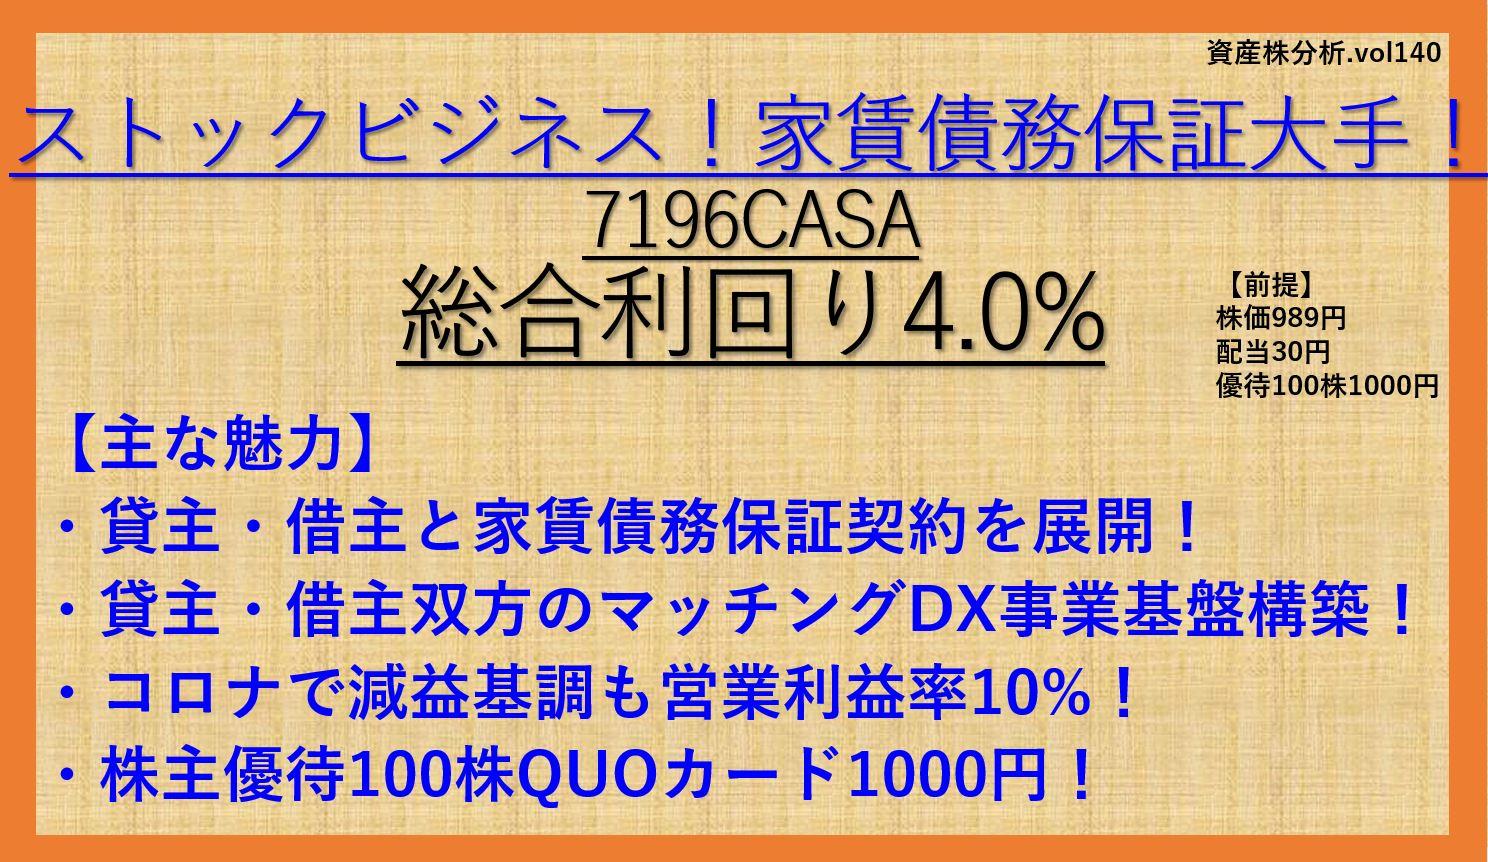 Casa-7196-資産株